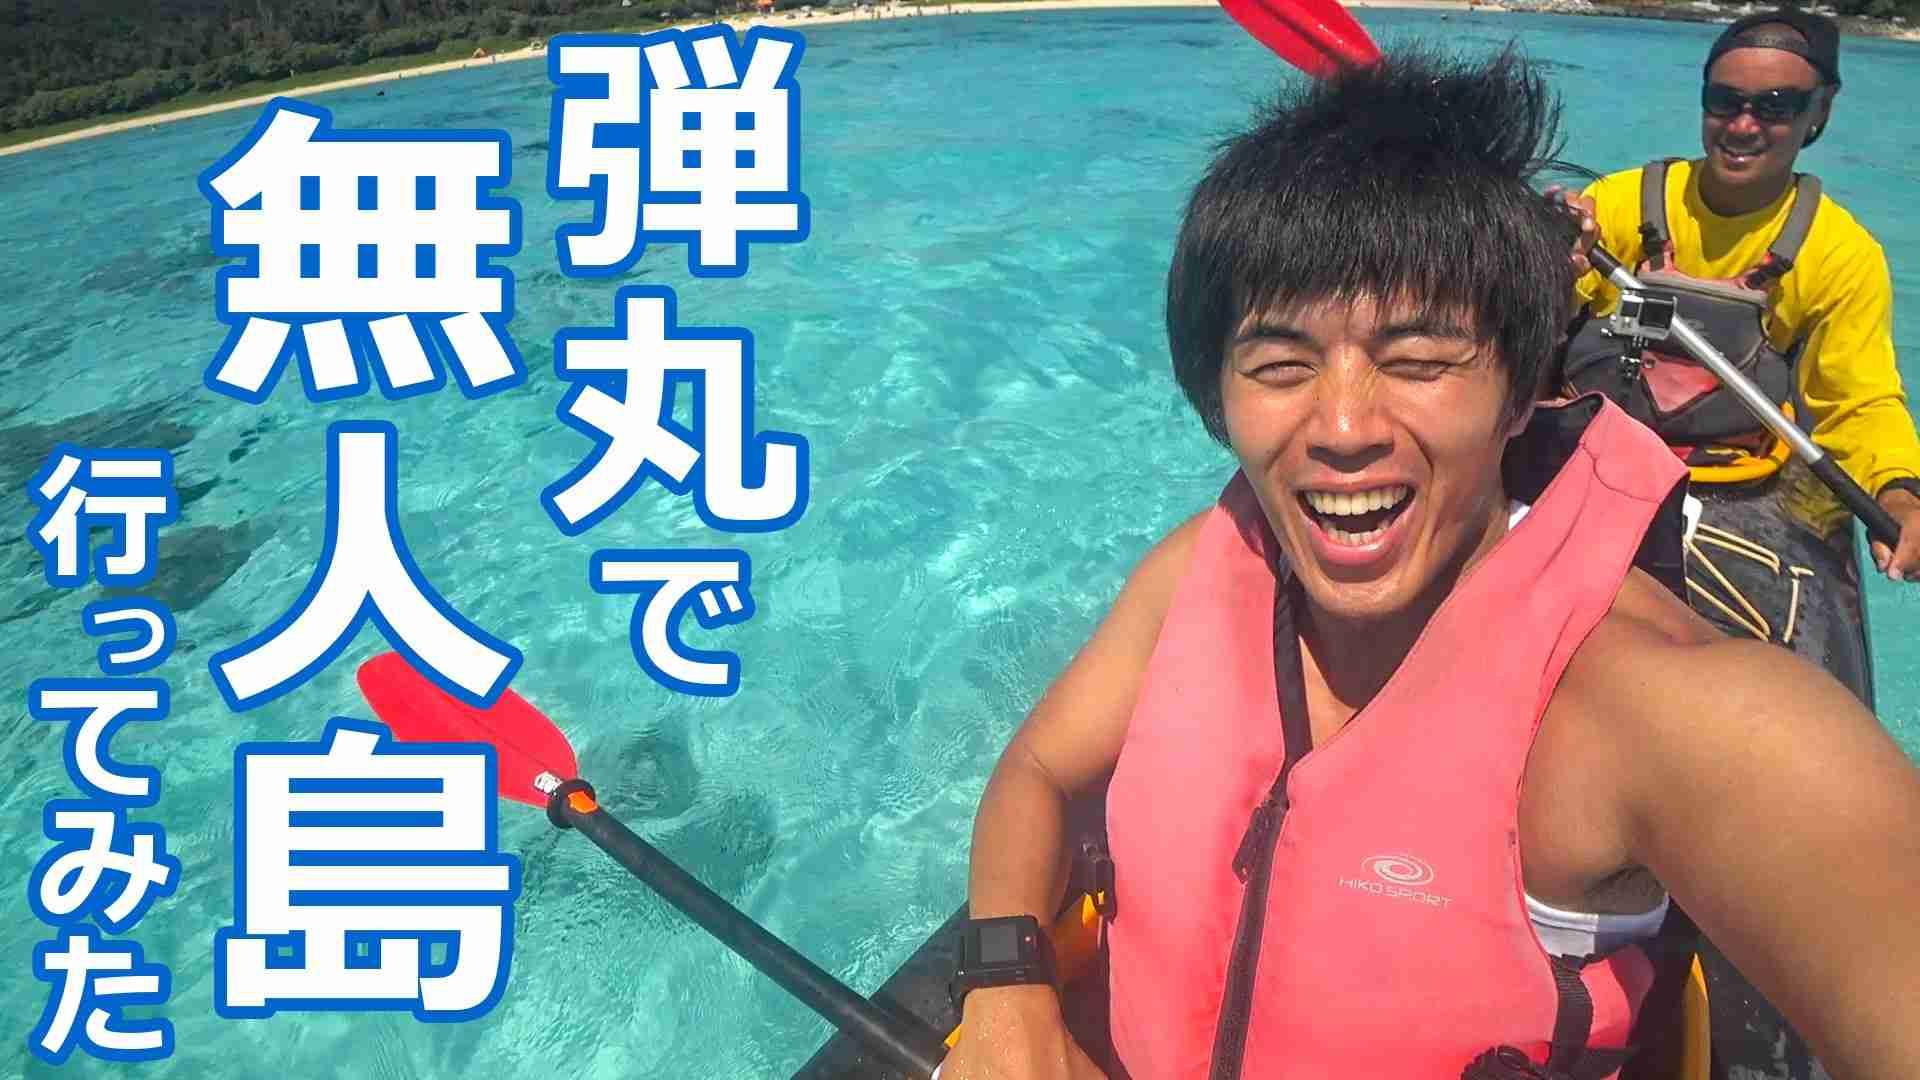 弾丸で沖縄の無人島行ってみた! #Googleサマーチャレンジ - YouTube